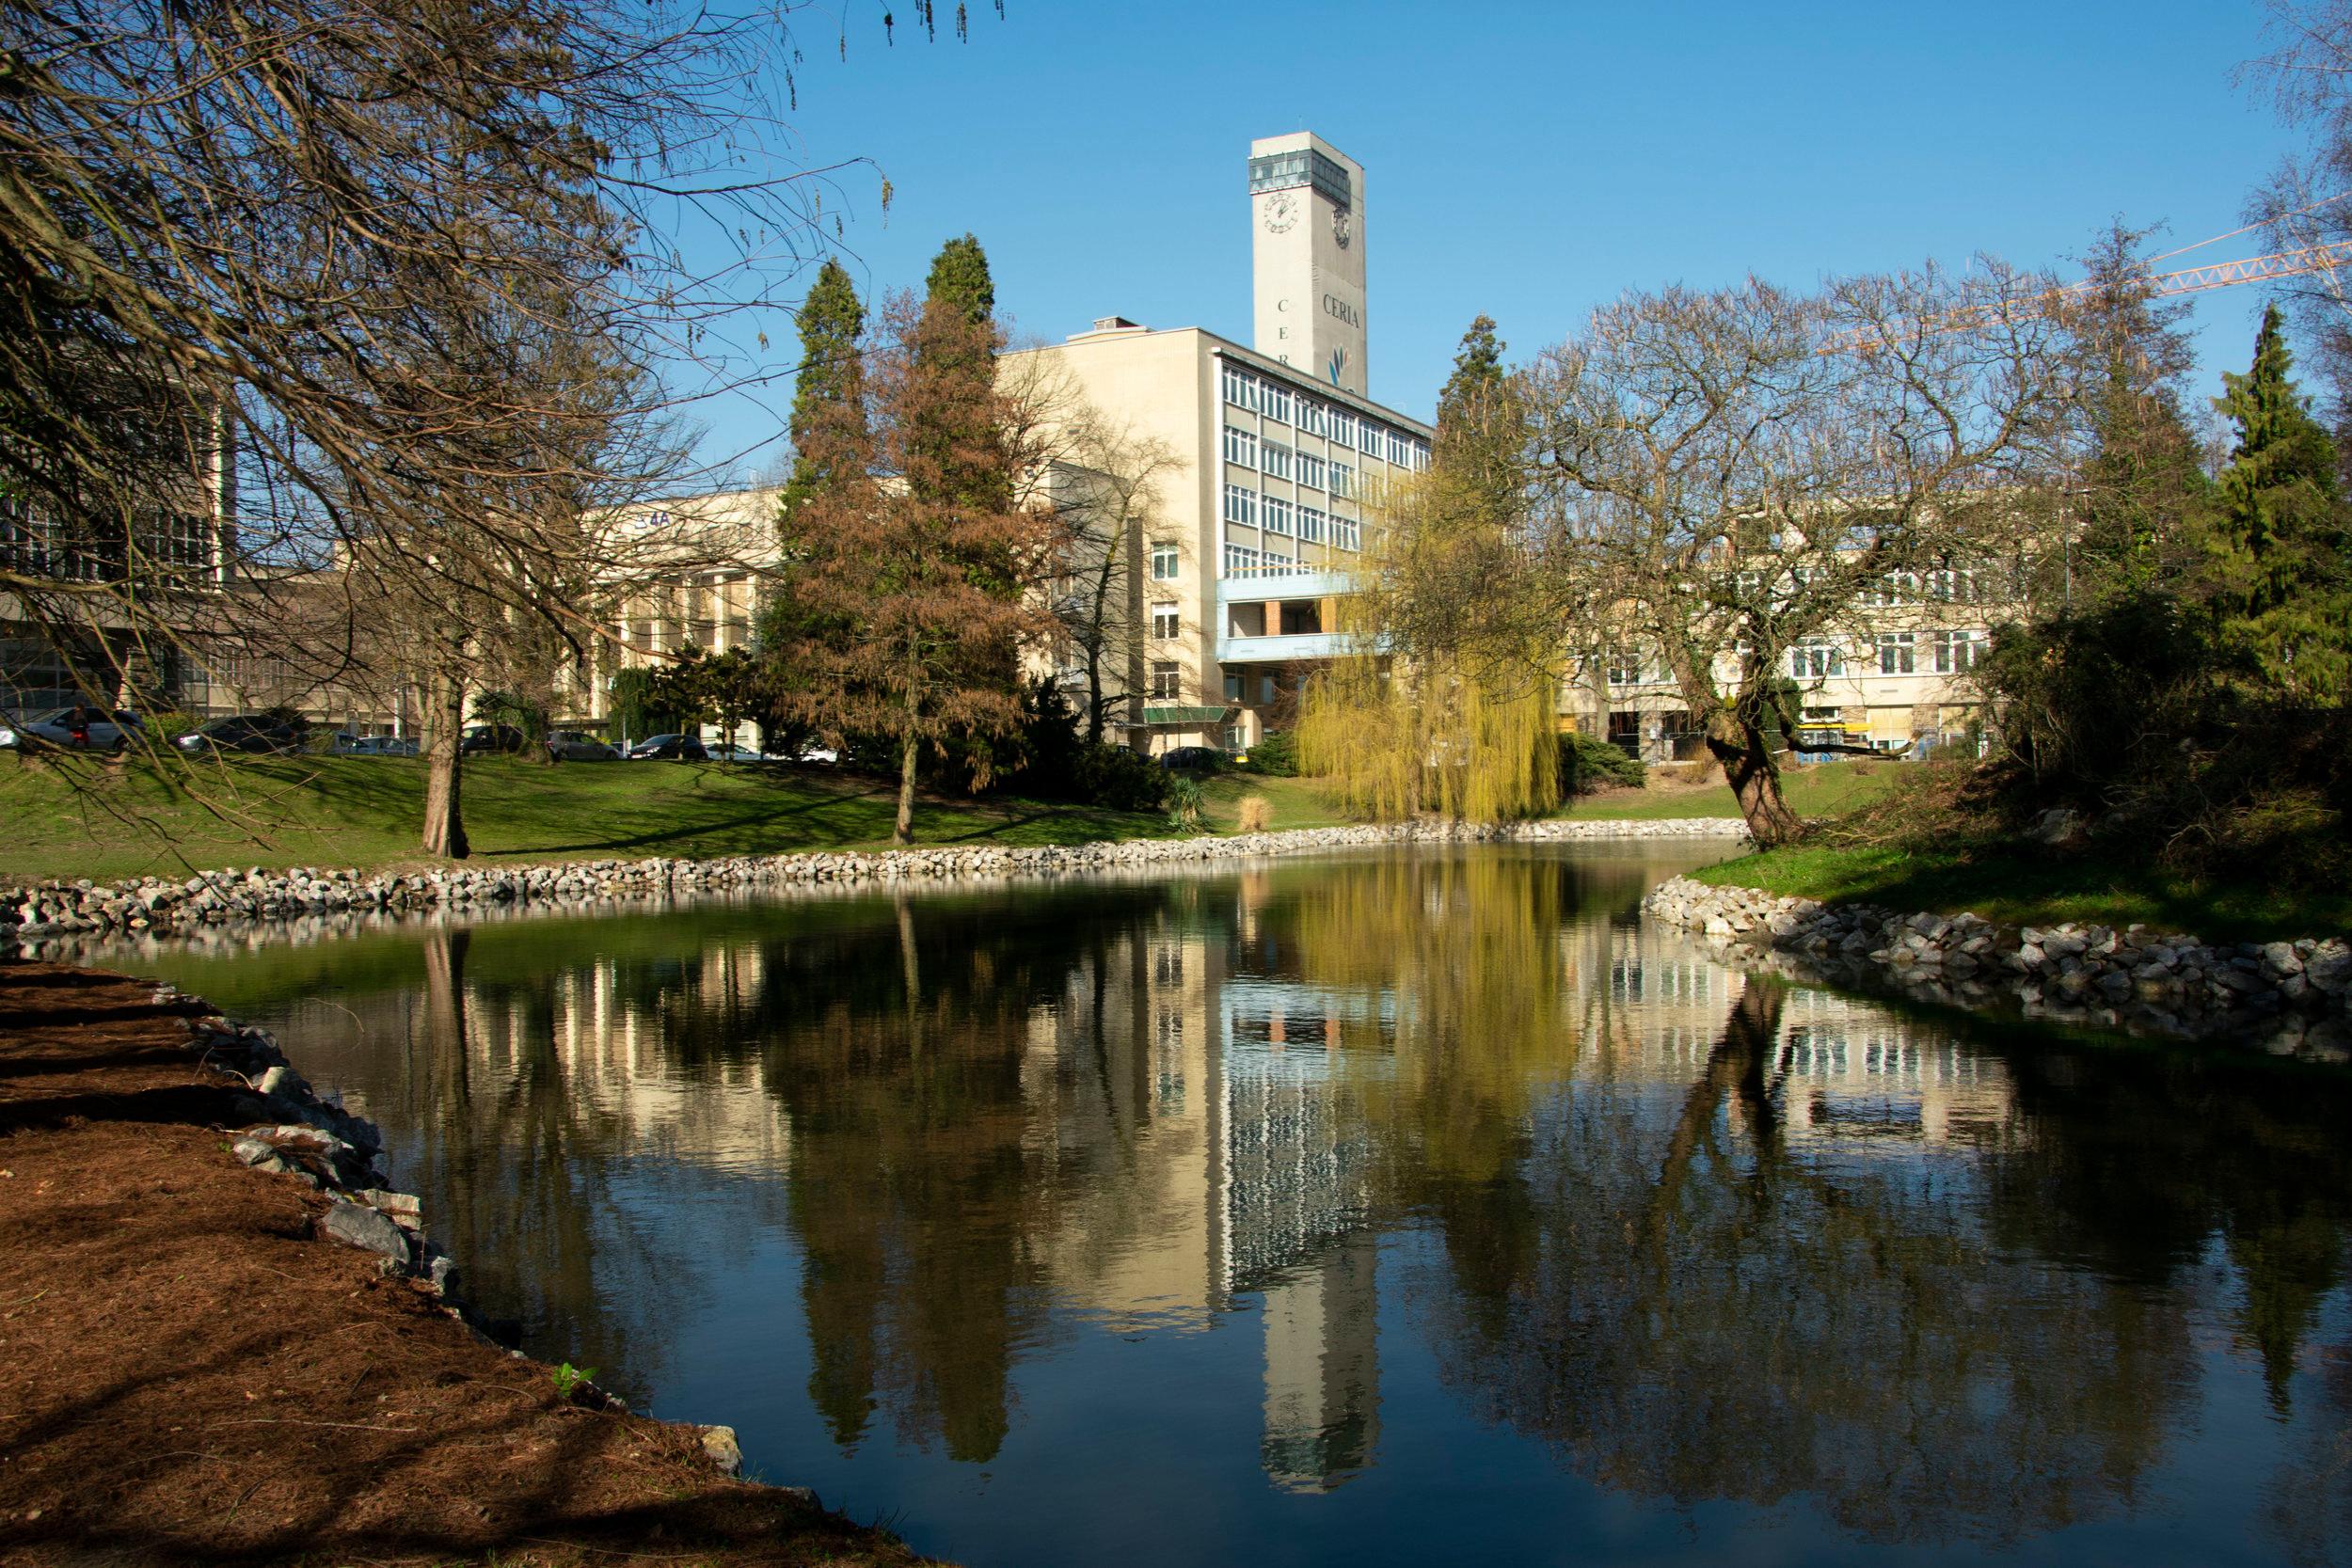 Vers un campus zéro déchet?